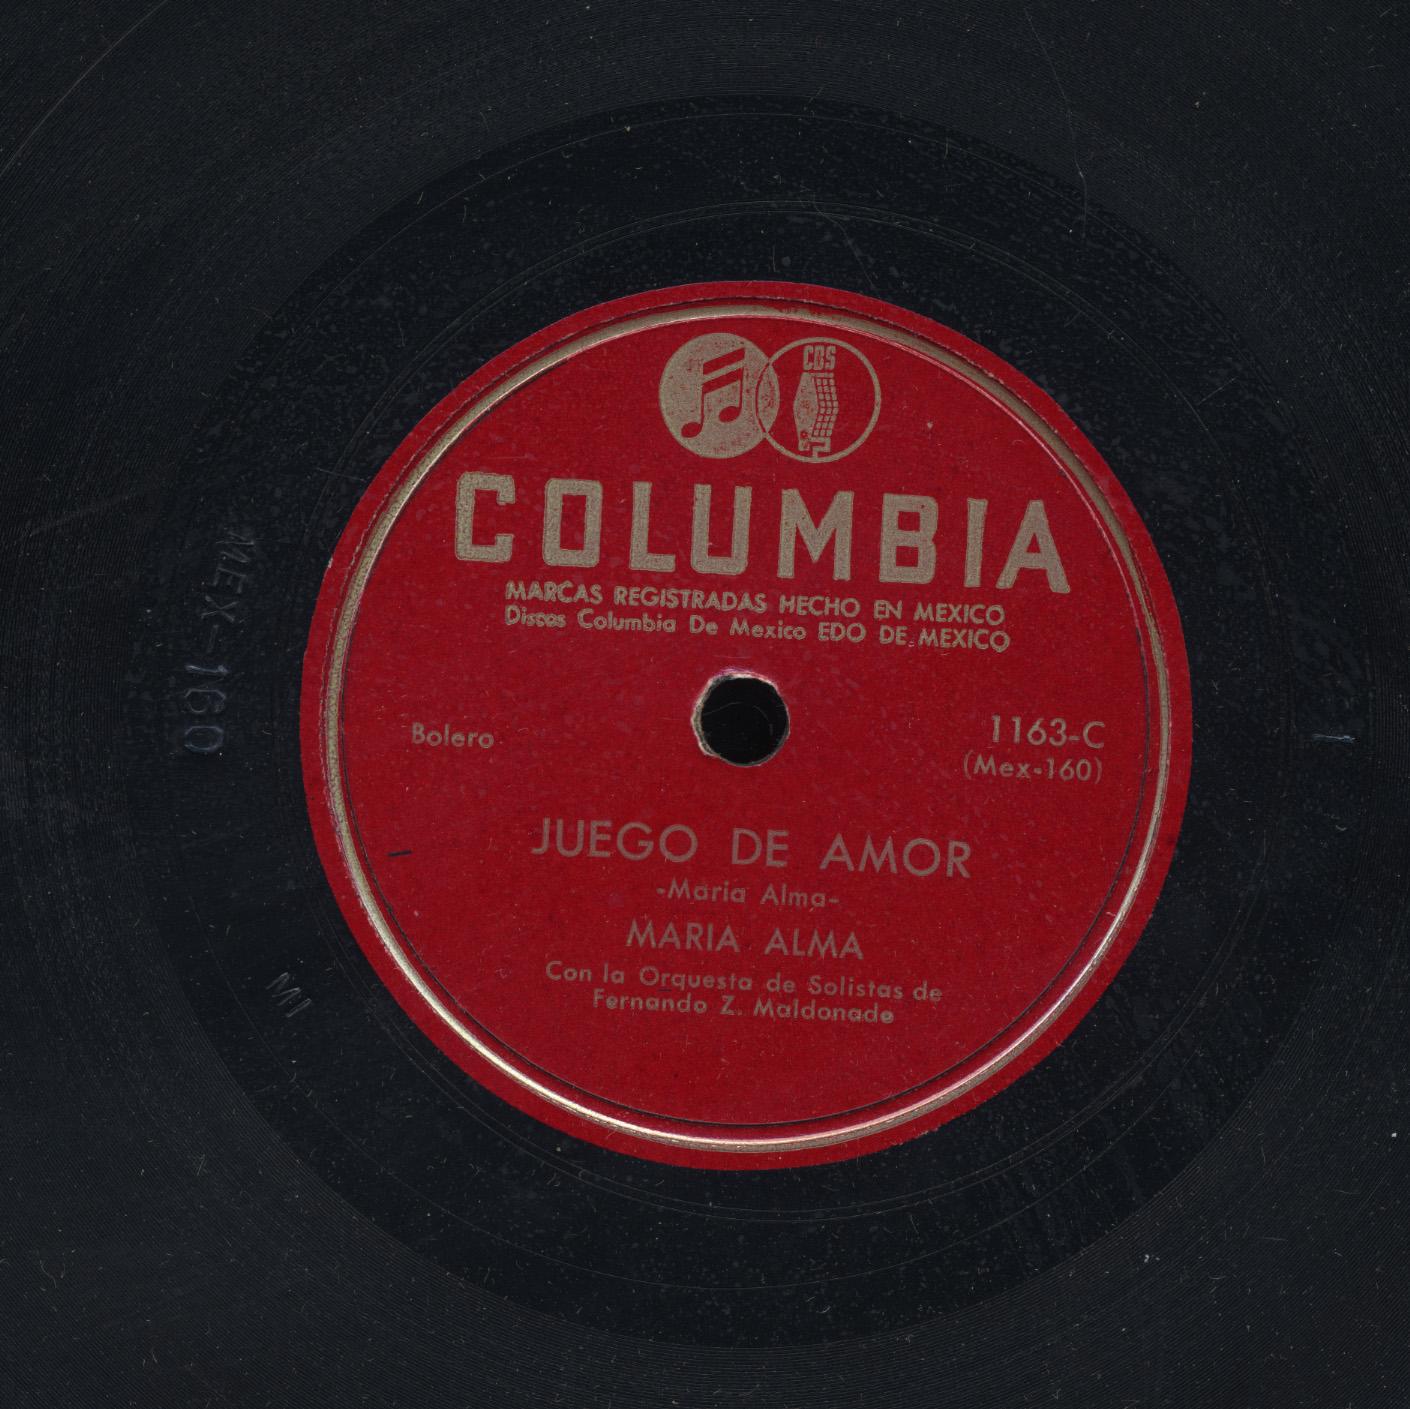 Juego De Amor - Maria Alma Con La Orquesta De Solistas de Fernando Z.  Maldonado   Frontera Project